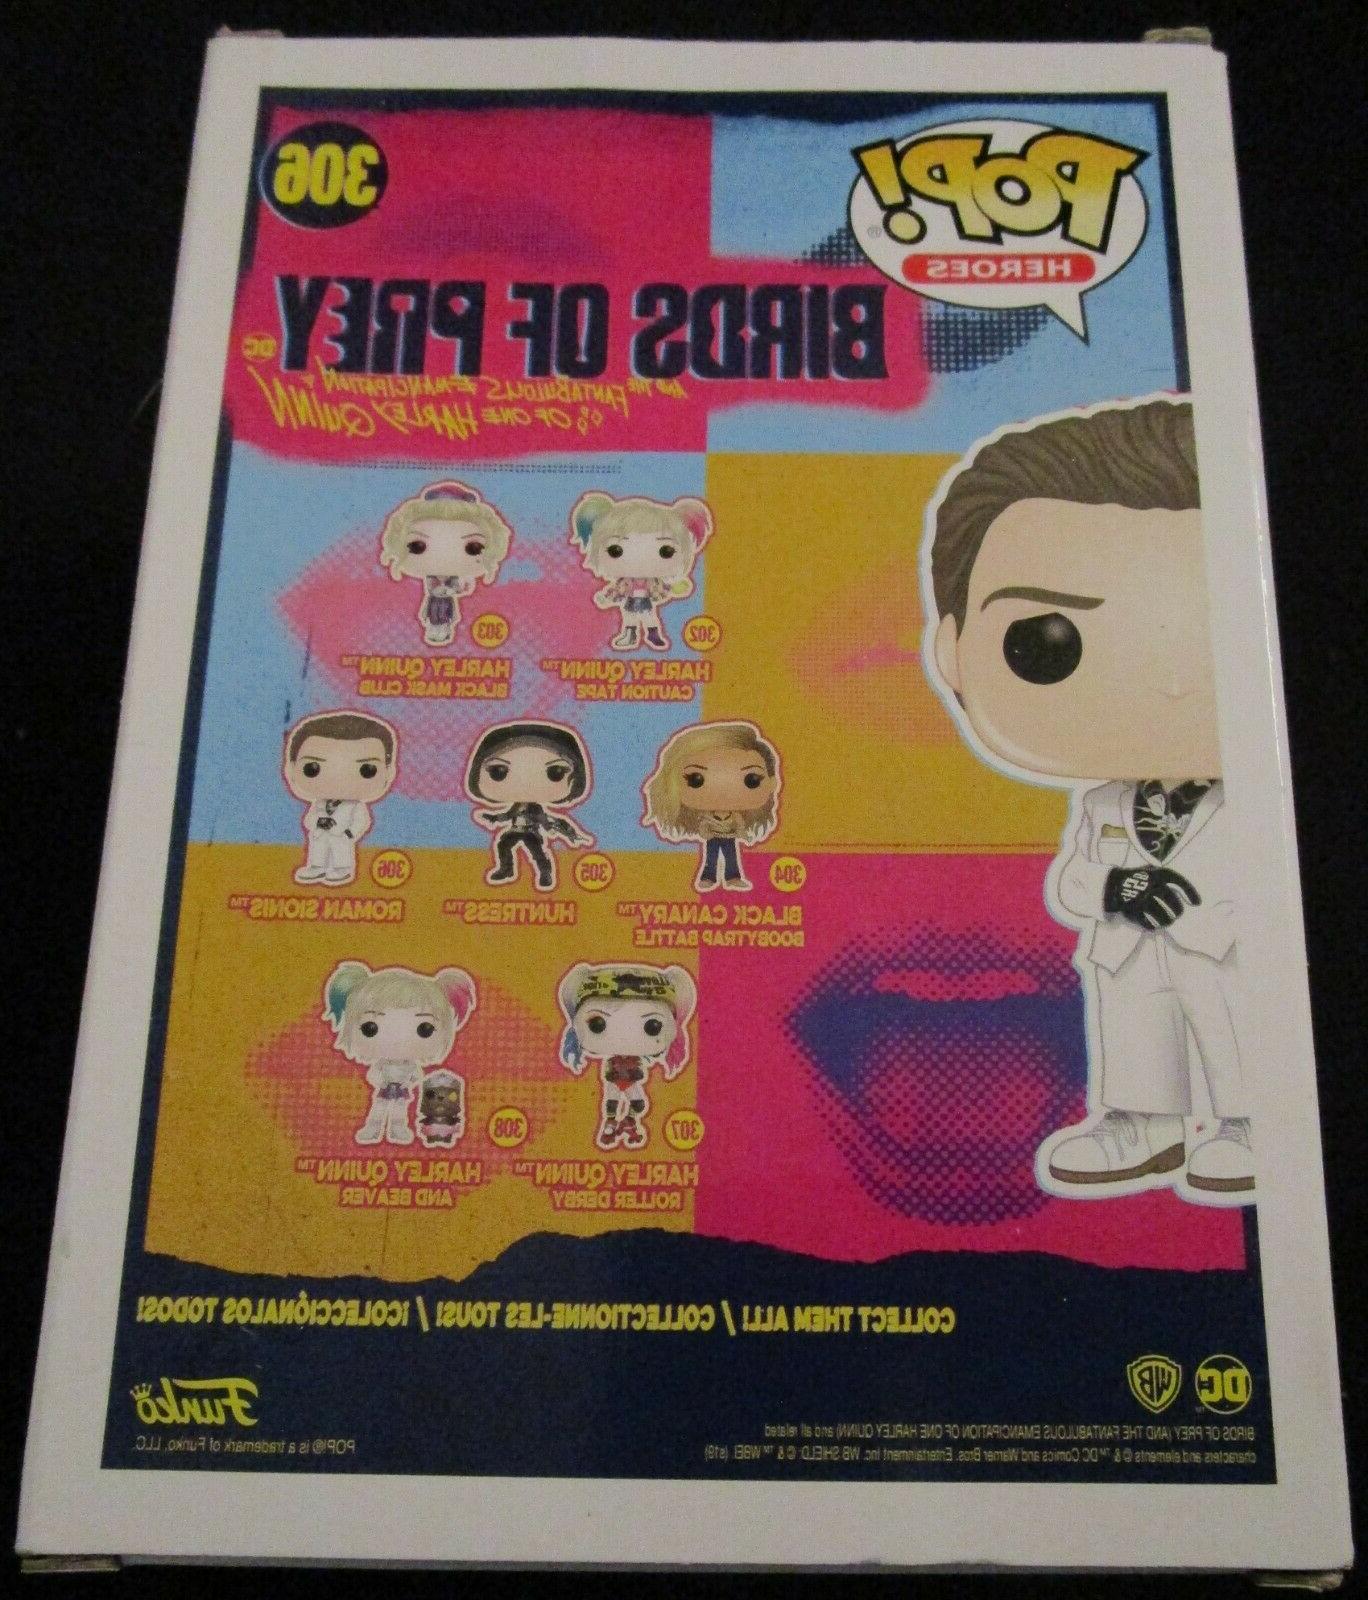 Funko POP! of Prey #306 - Vinyl Figure